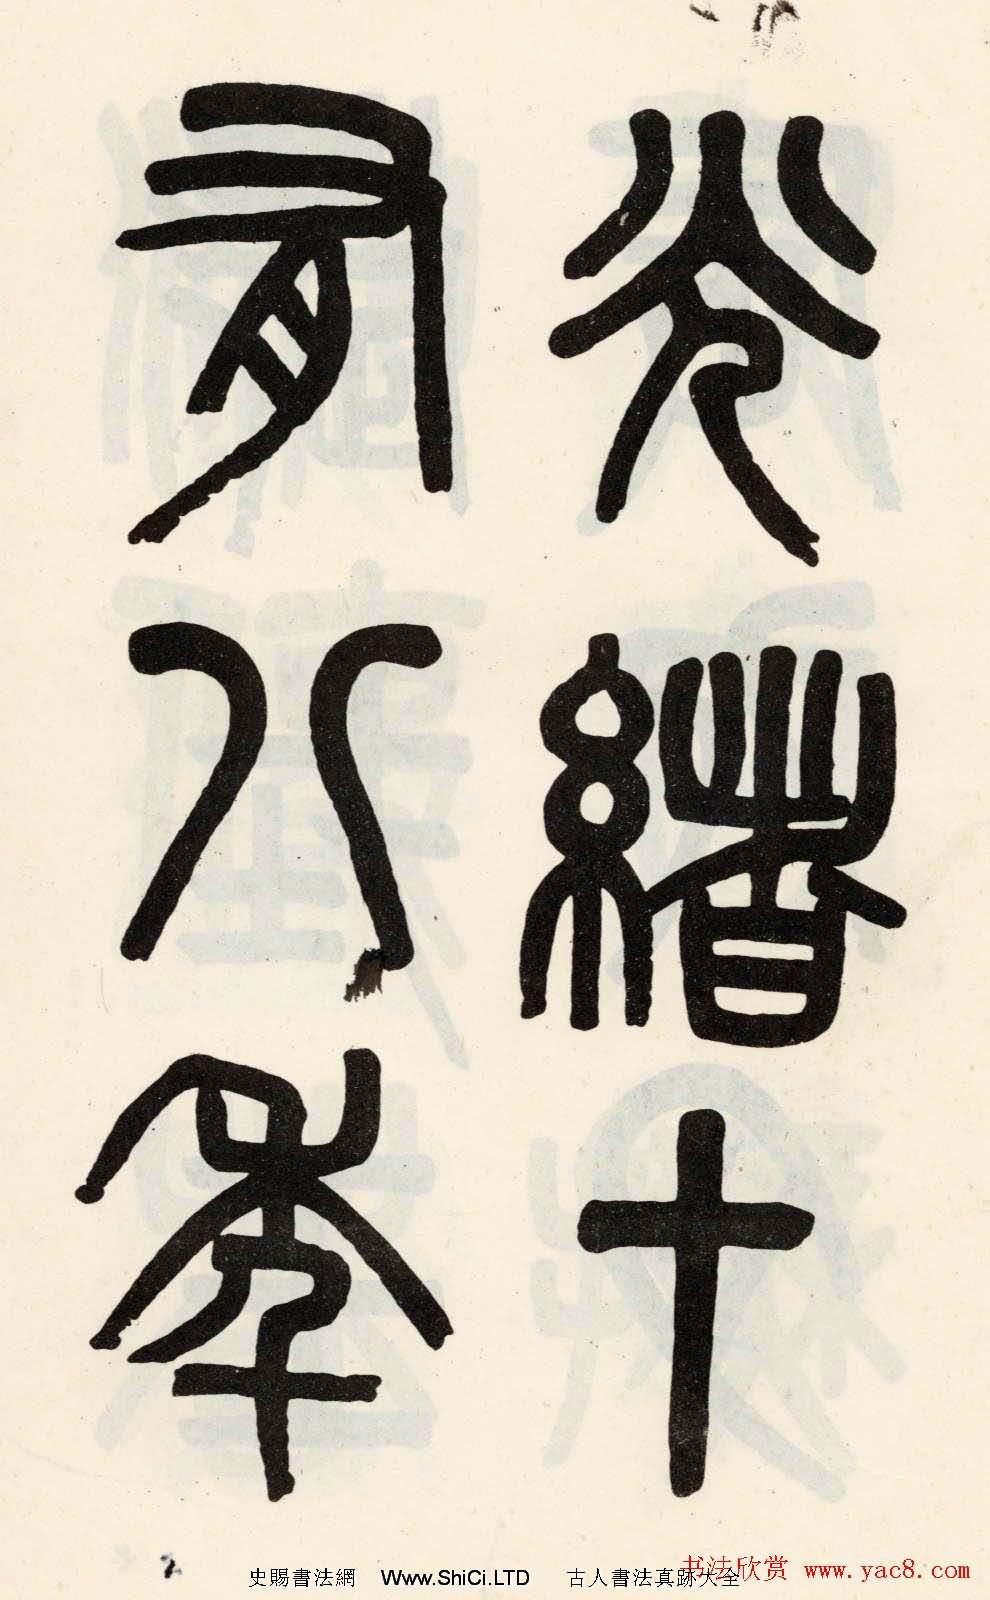 吳大澂篆書真跡欣賞《光緒十八年》冊(共4張圖片)